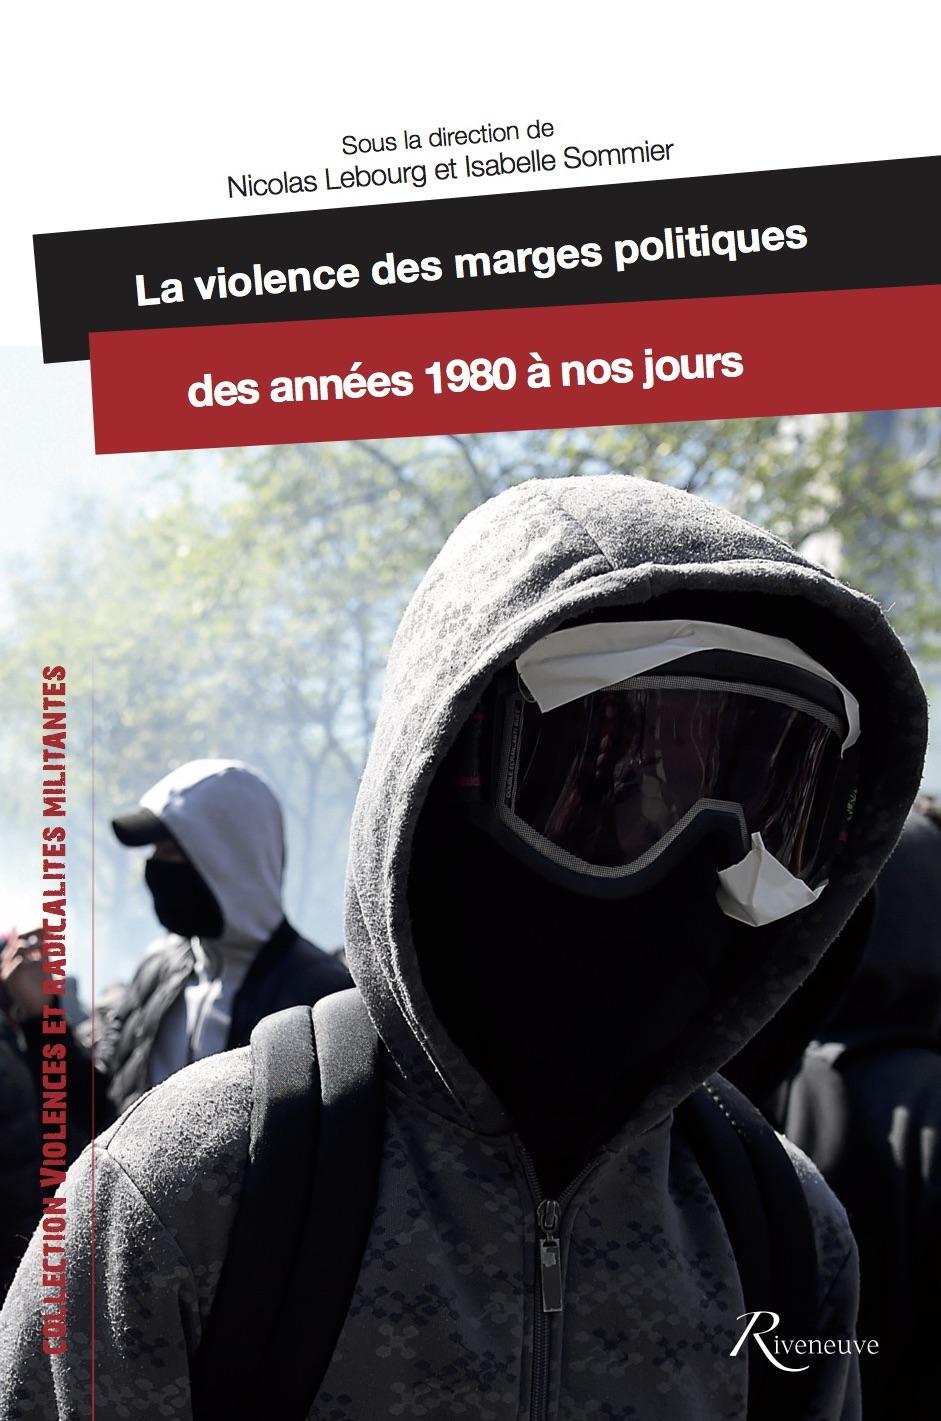 La violence des marges politiques en France des années 1980 à nos jours